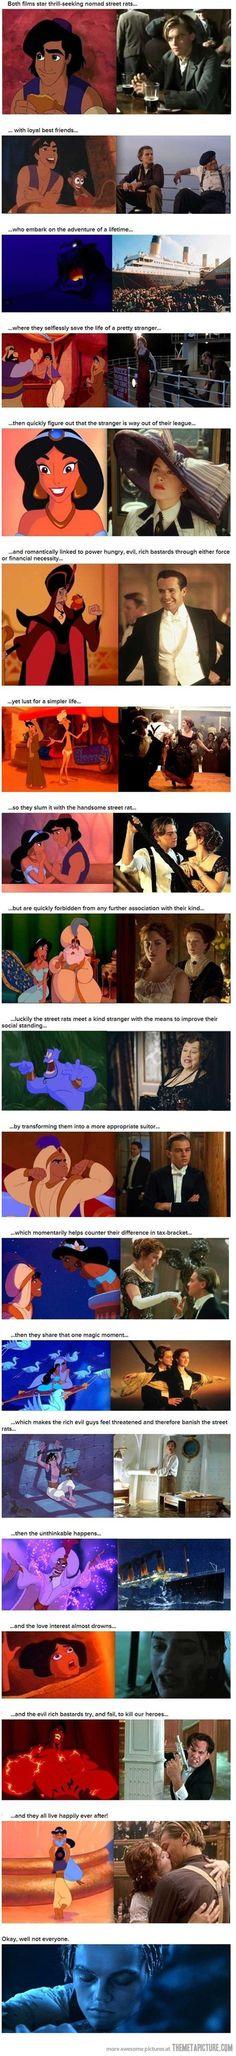 Aladdin vs. Titanic . Crazy!